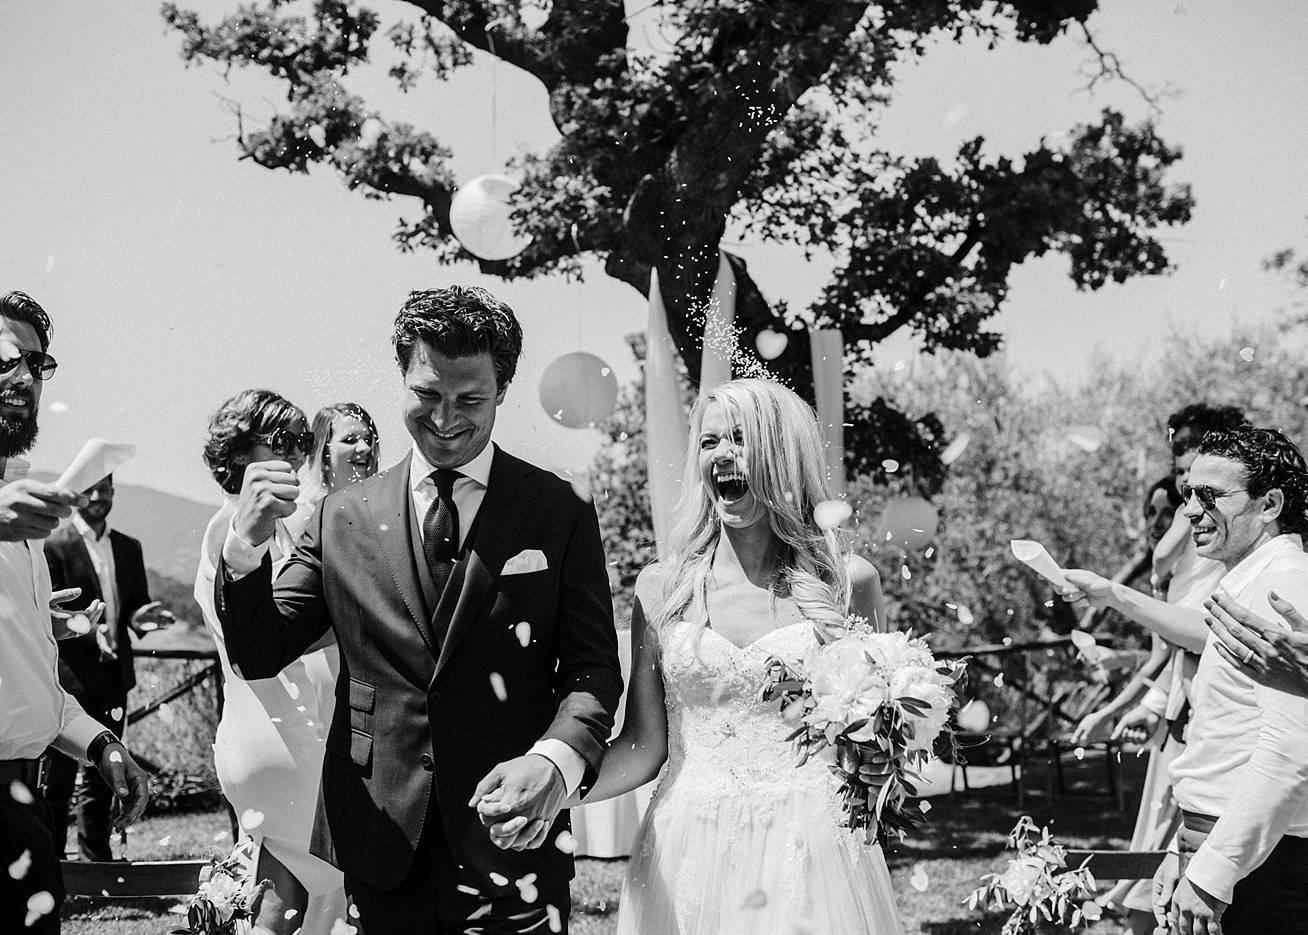 Amanda-Drost-Fotografie-trouwen-in-italie-bruidsfotografie_0039.jpg